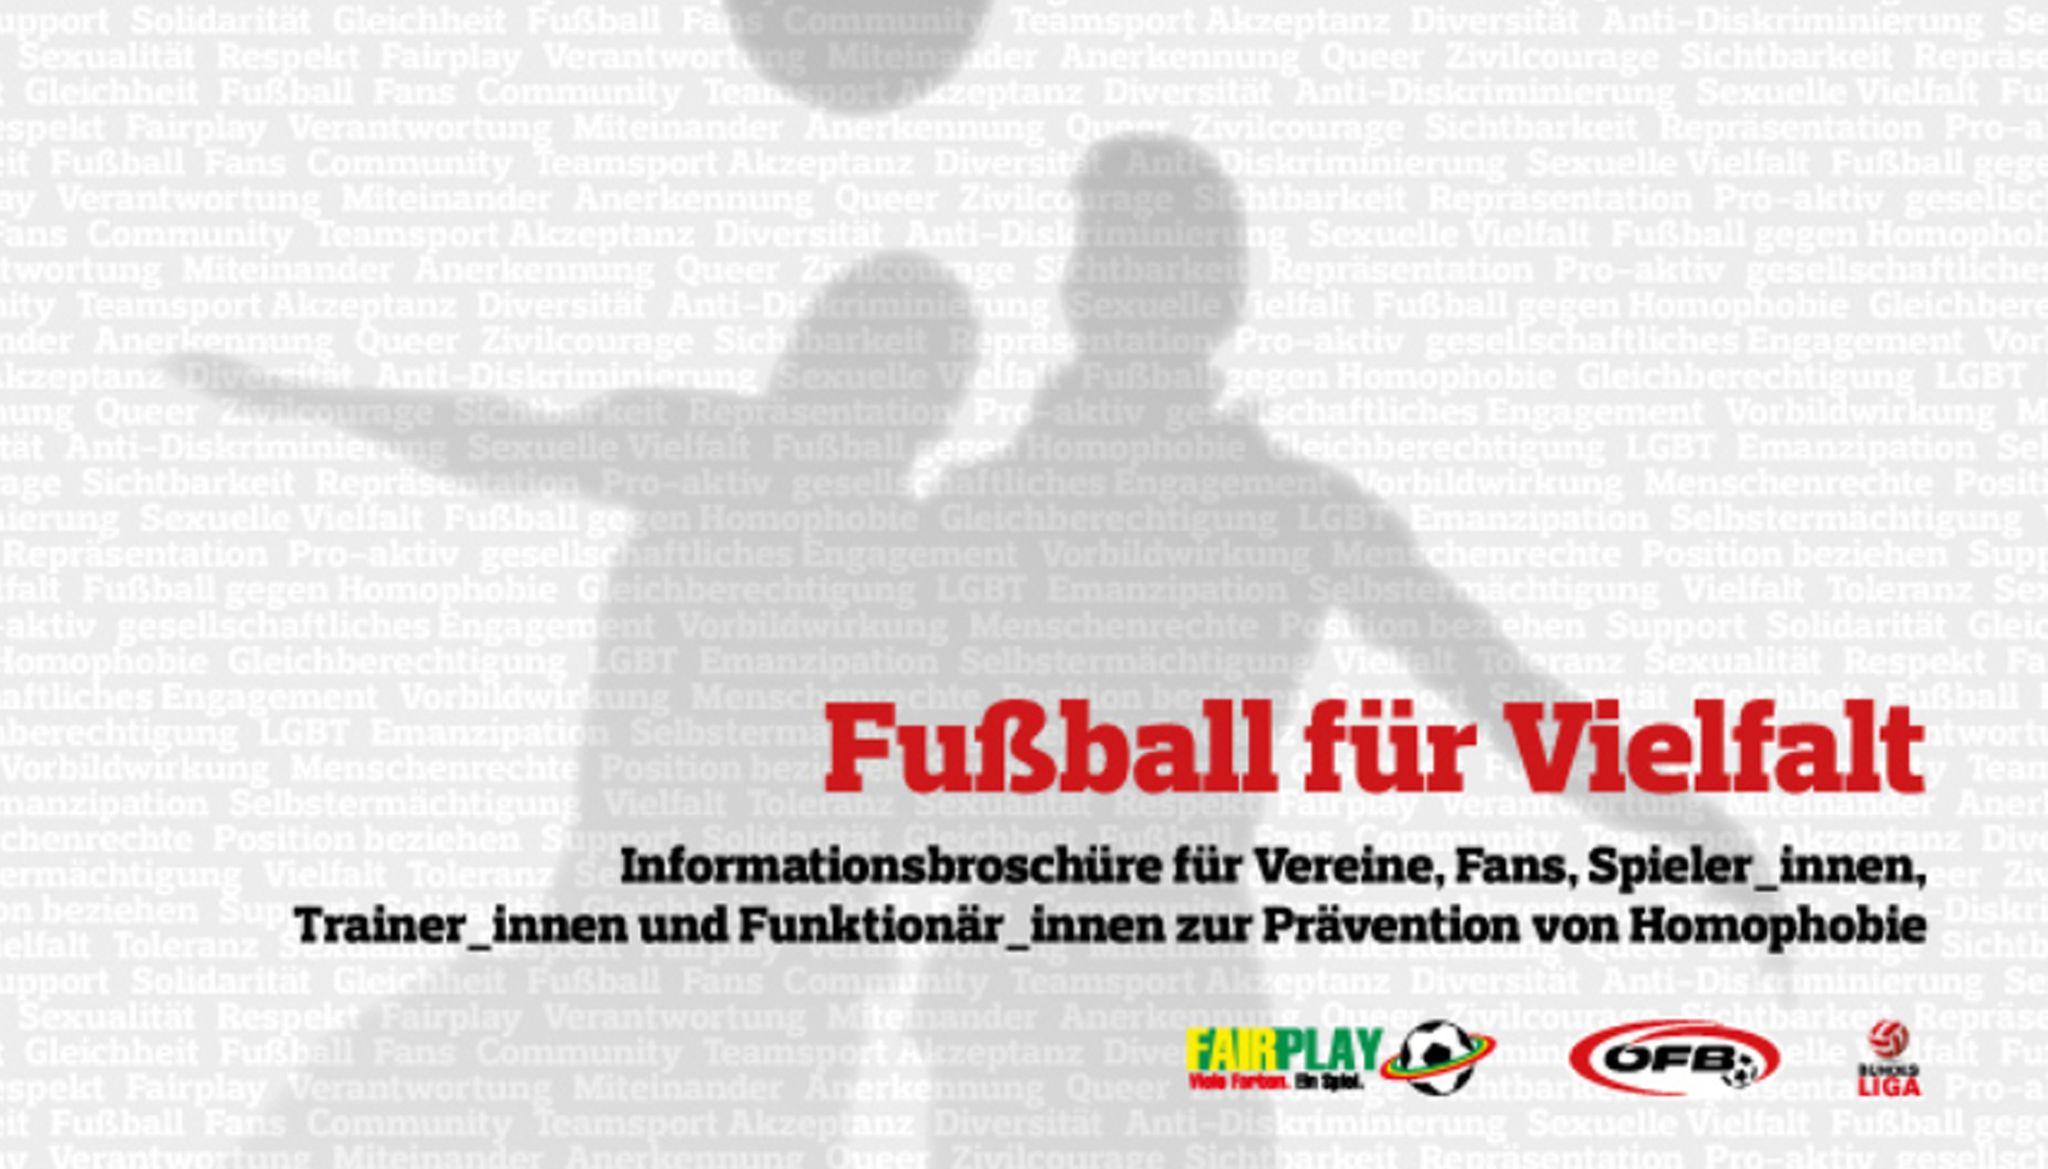 Fussball Fur Vielfalt Oefb At